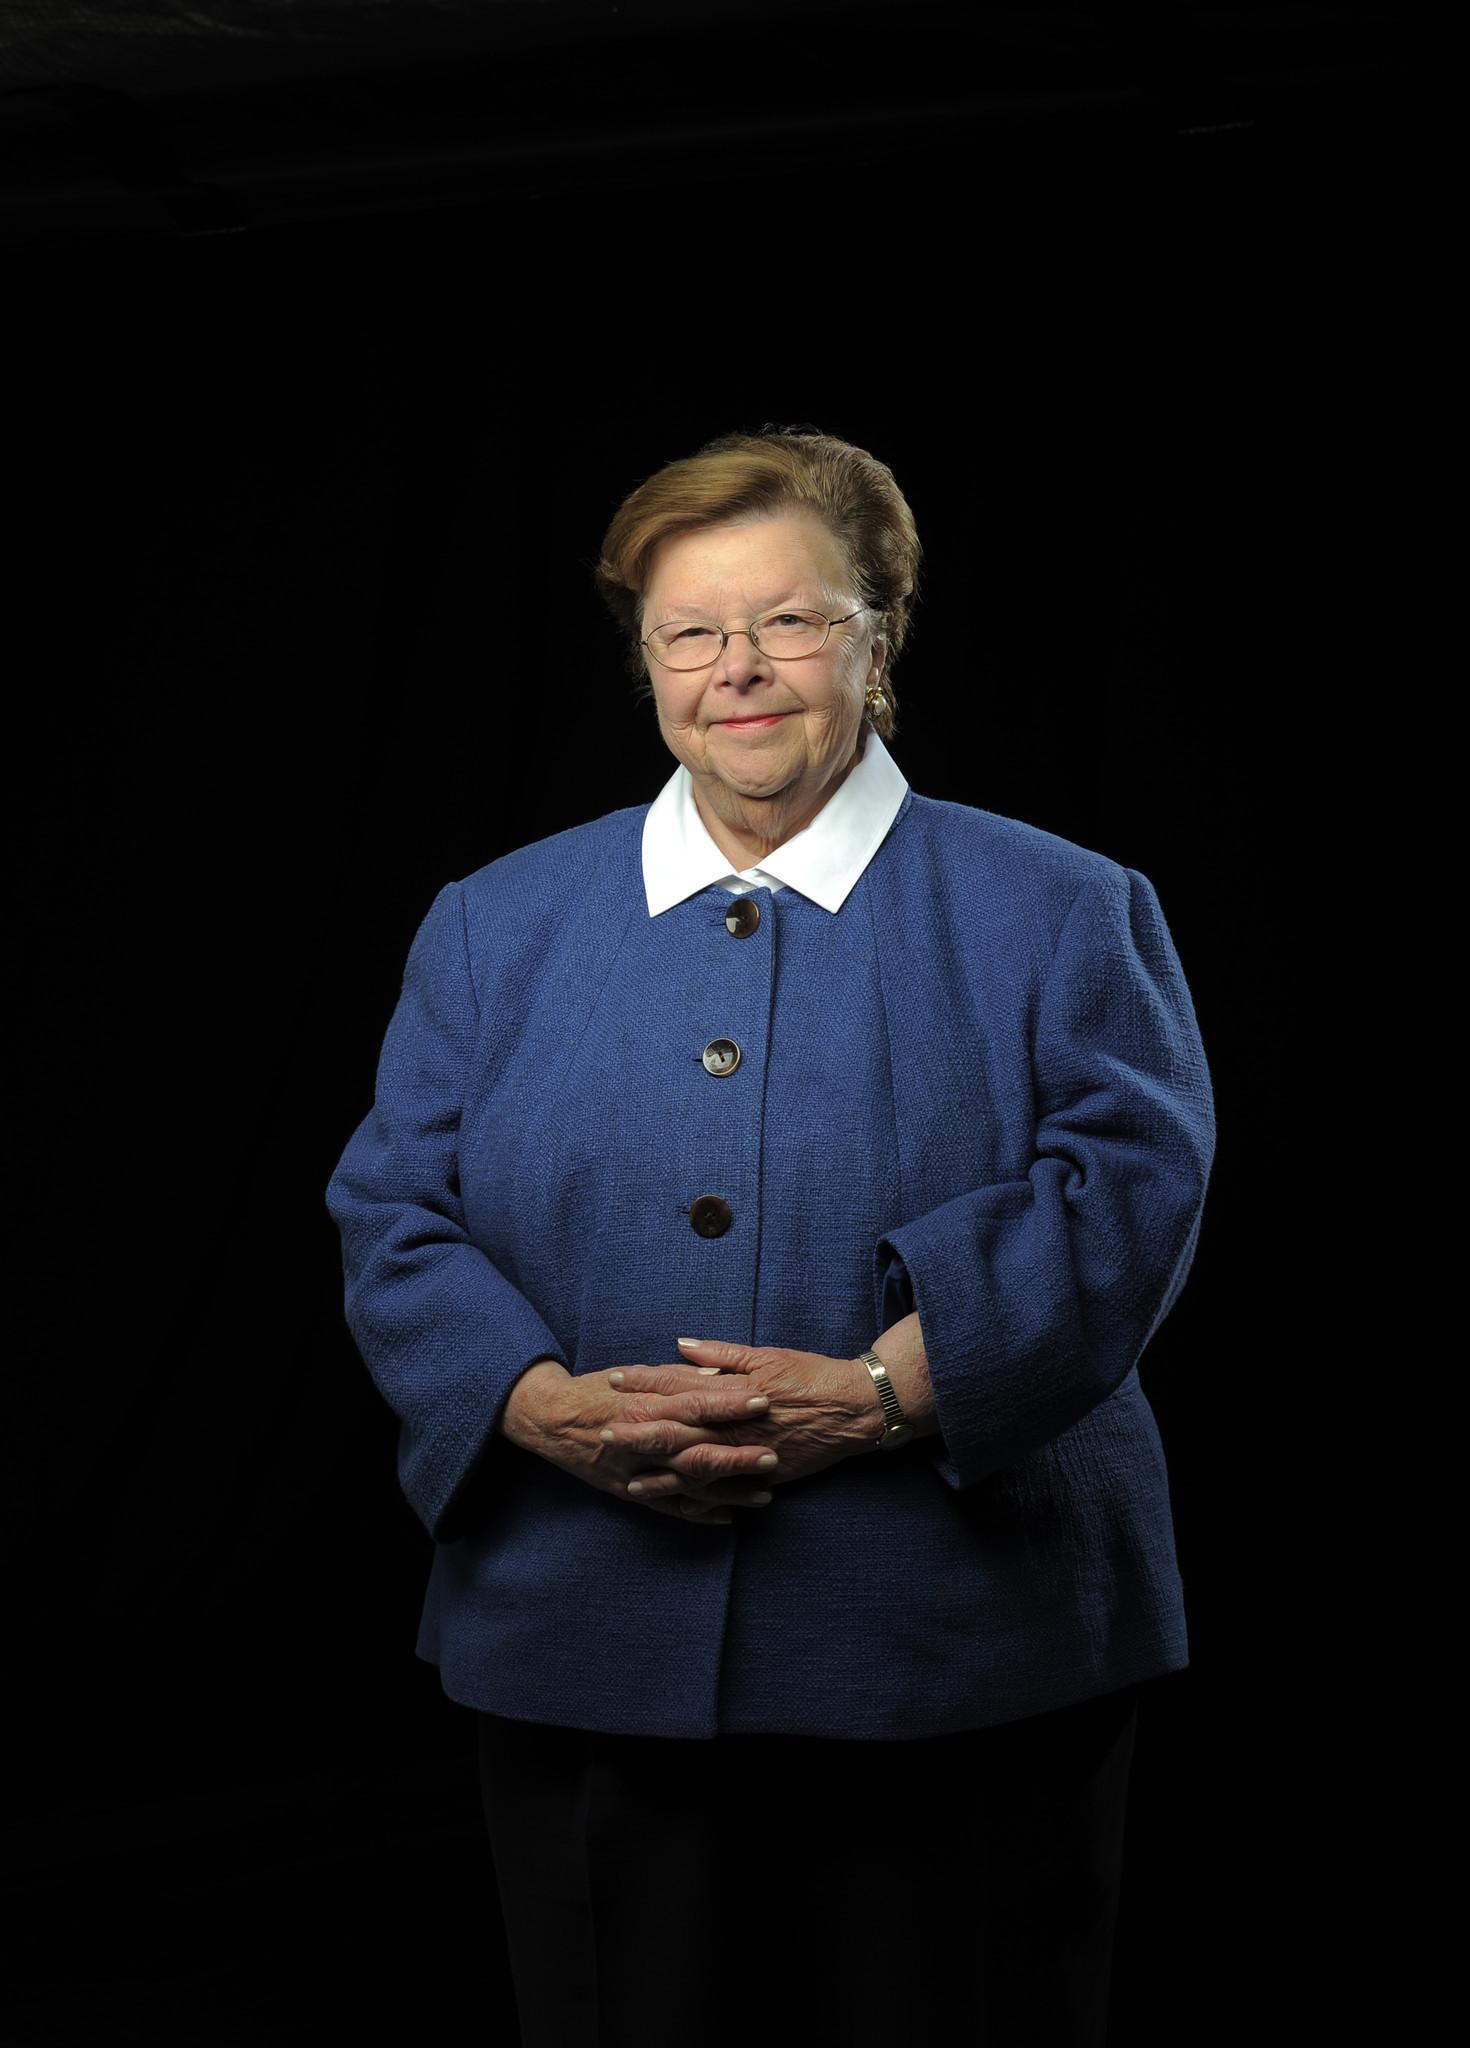 Kathy Bates baltimore